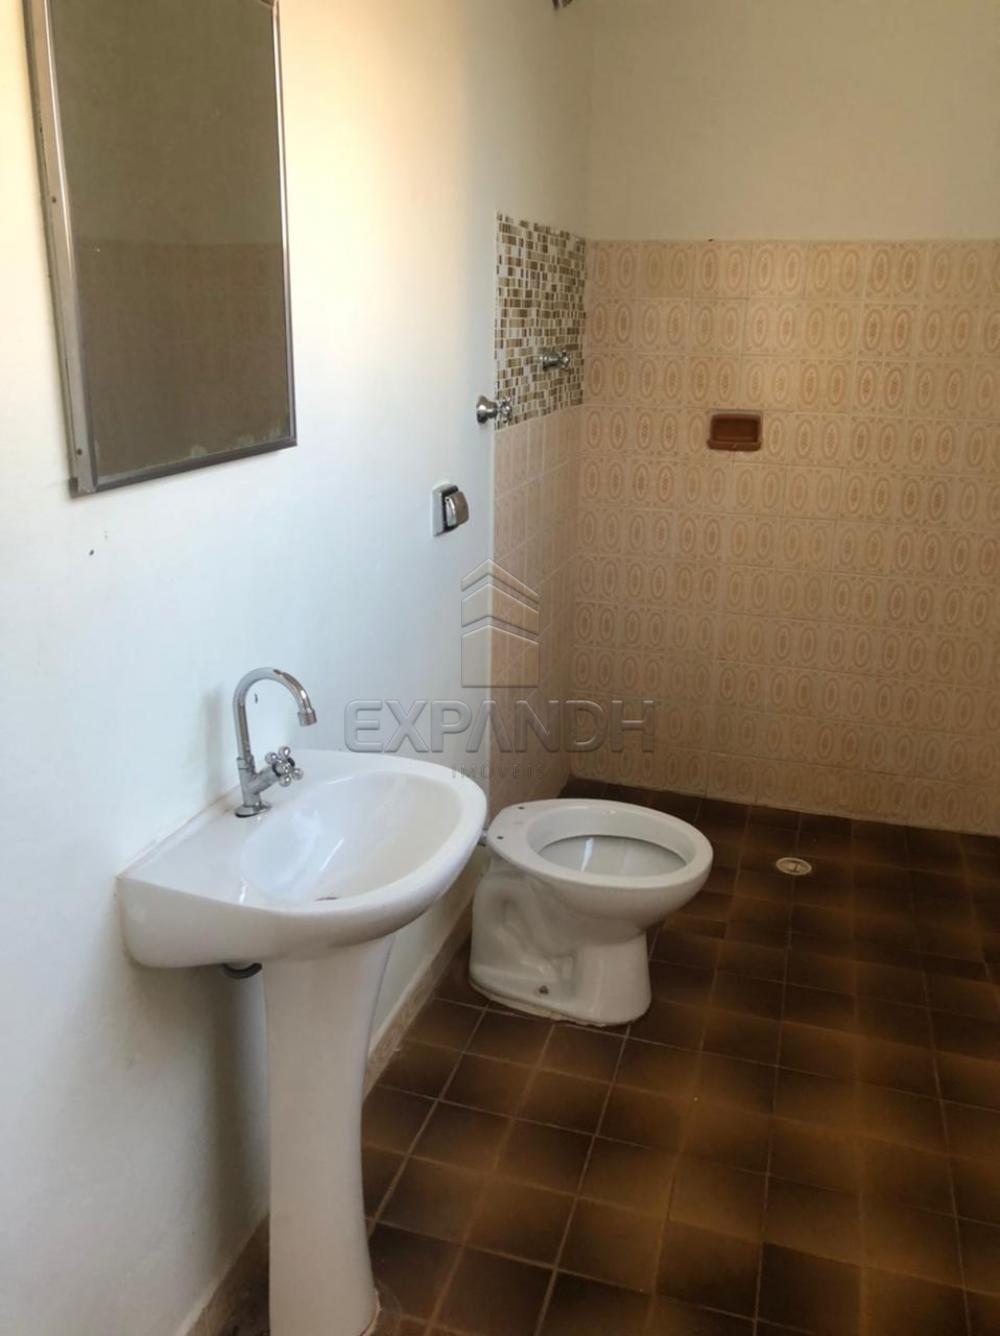 Alugar Casas / Padrão em Sertãozinho R$ 1.500,00 - Foto 30